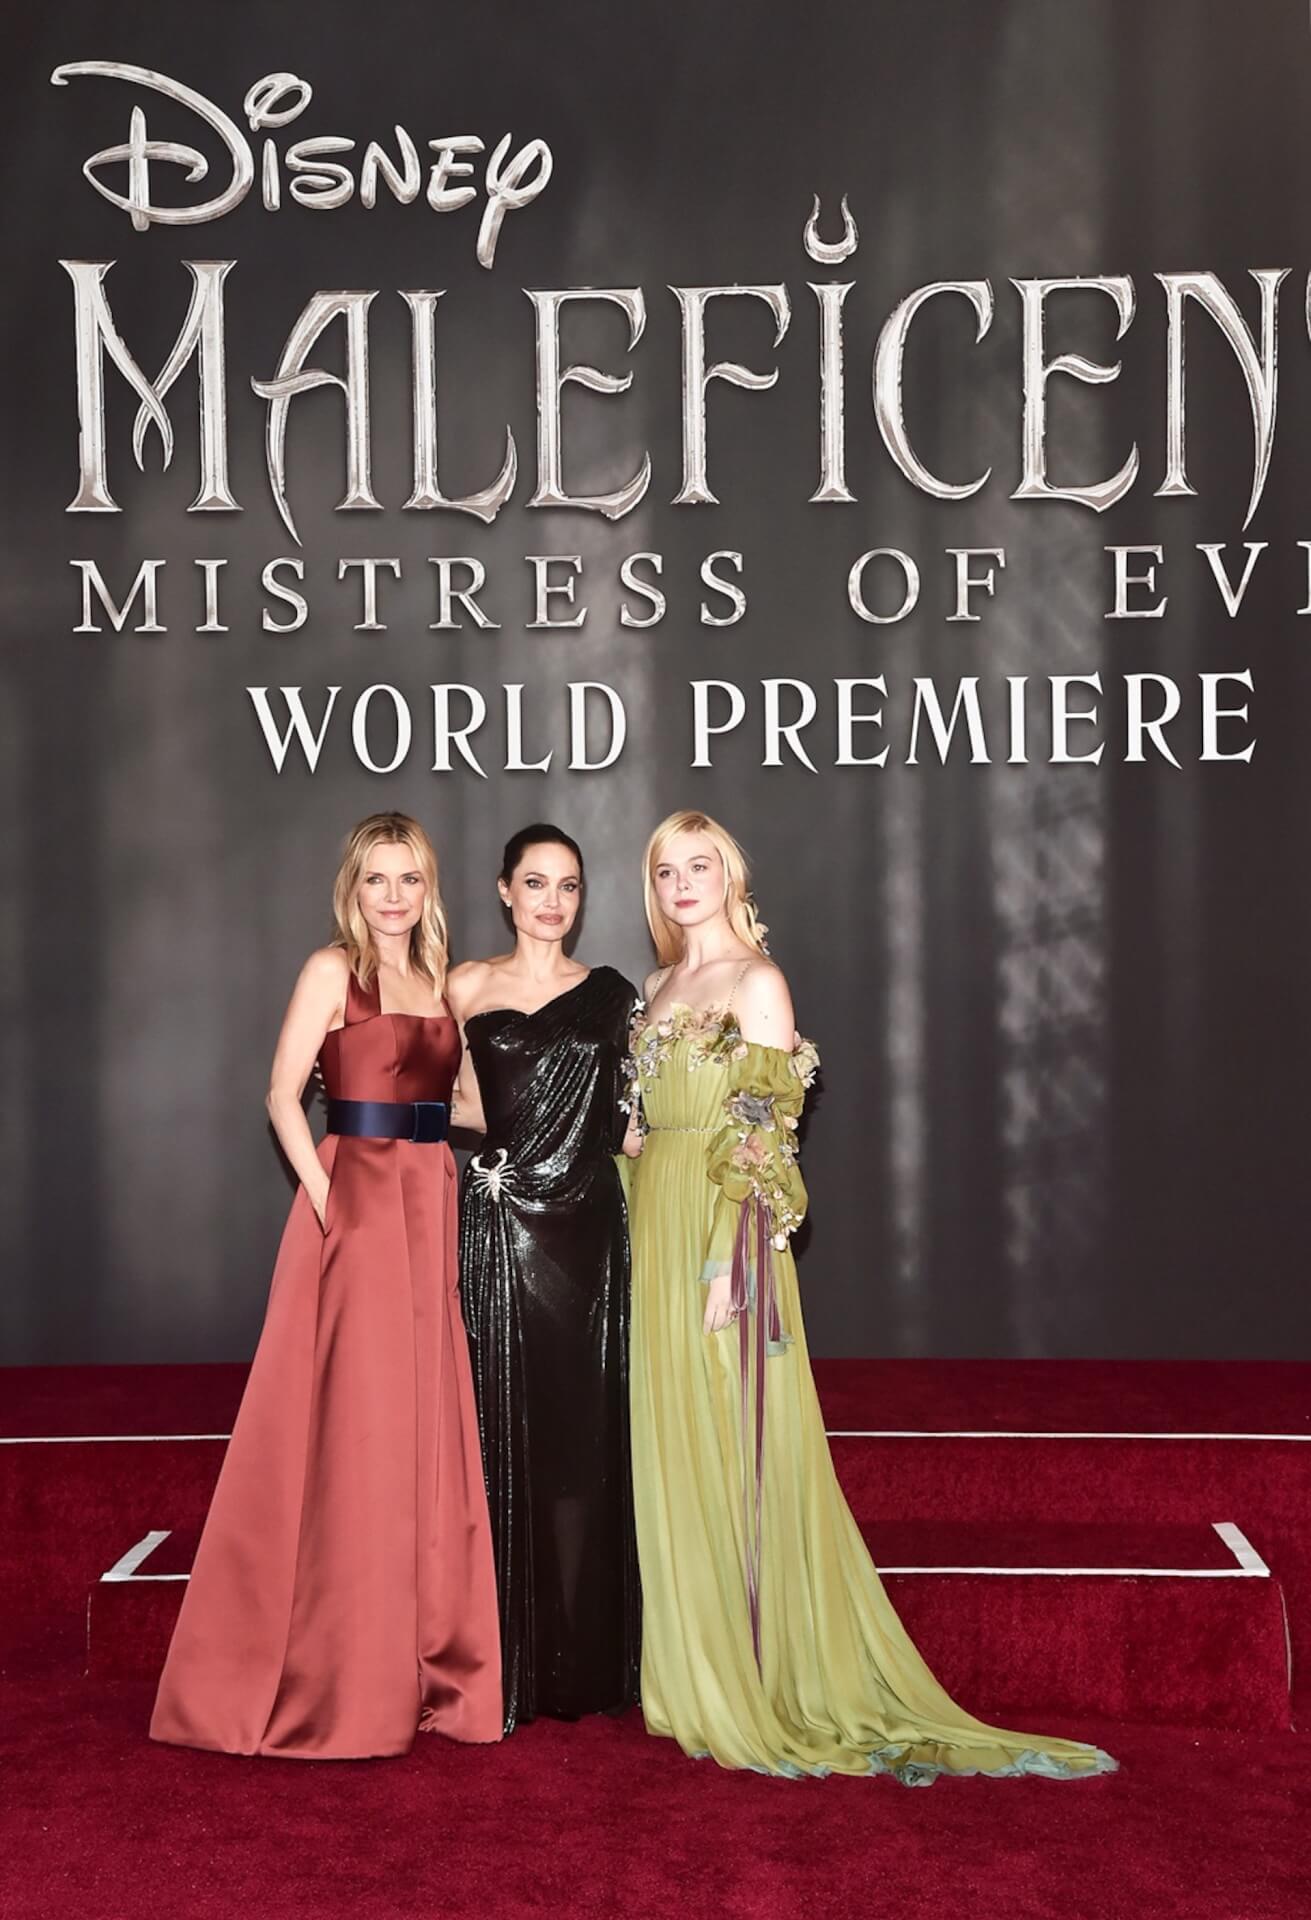 アンジー「私達はクレイジーな大家族」エル・ファニングにミシェル・ファイファーも登場『マレフィセント2』ワールドプレミアが開催 film191002_maleficent2_1